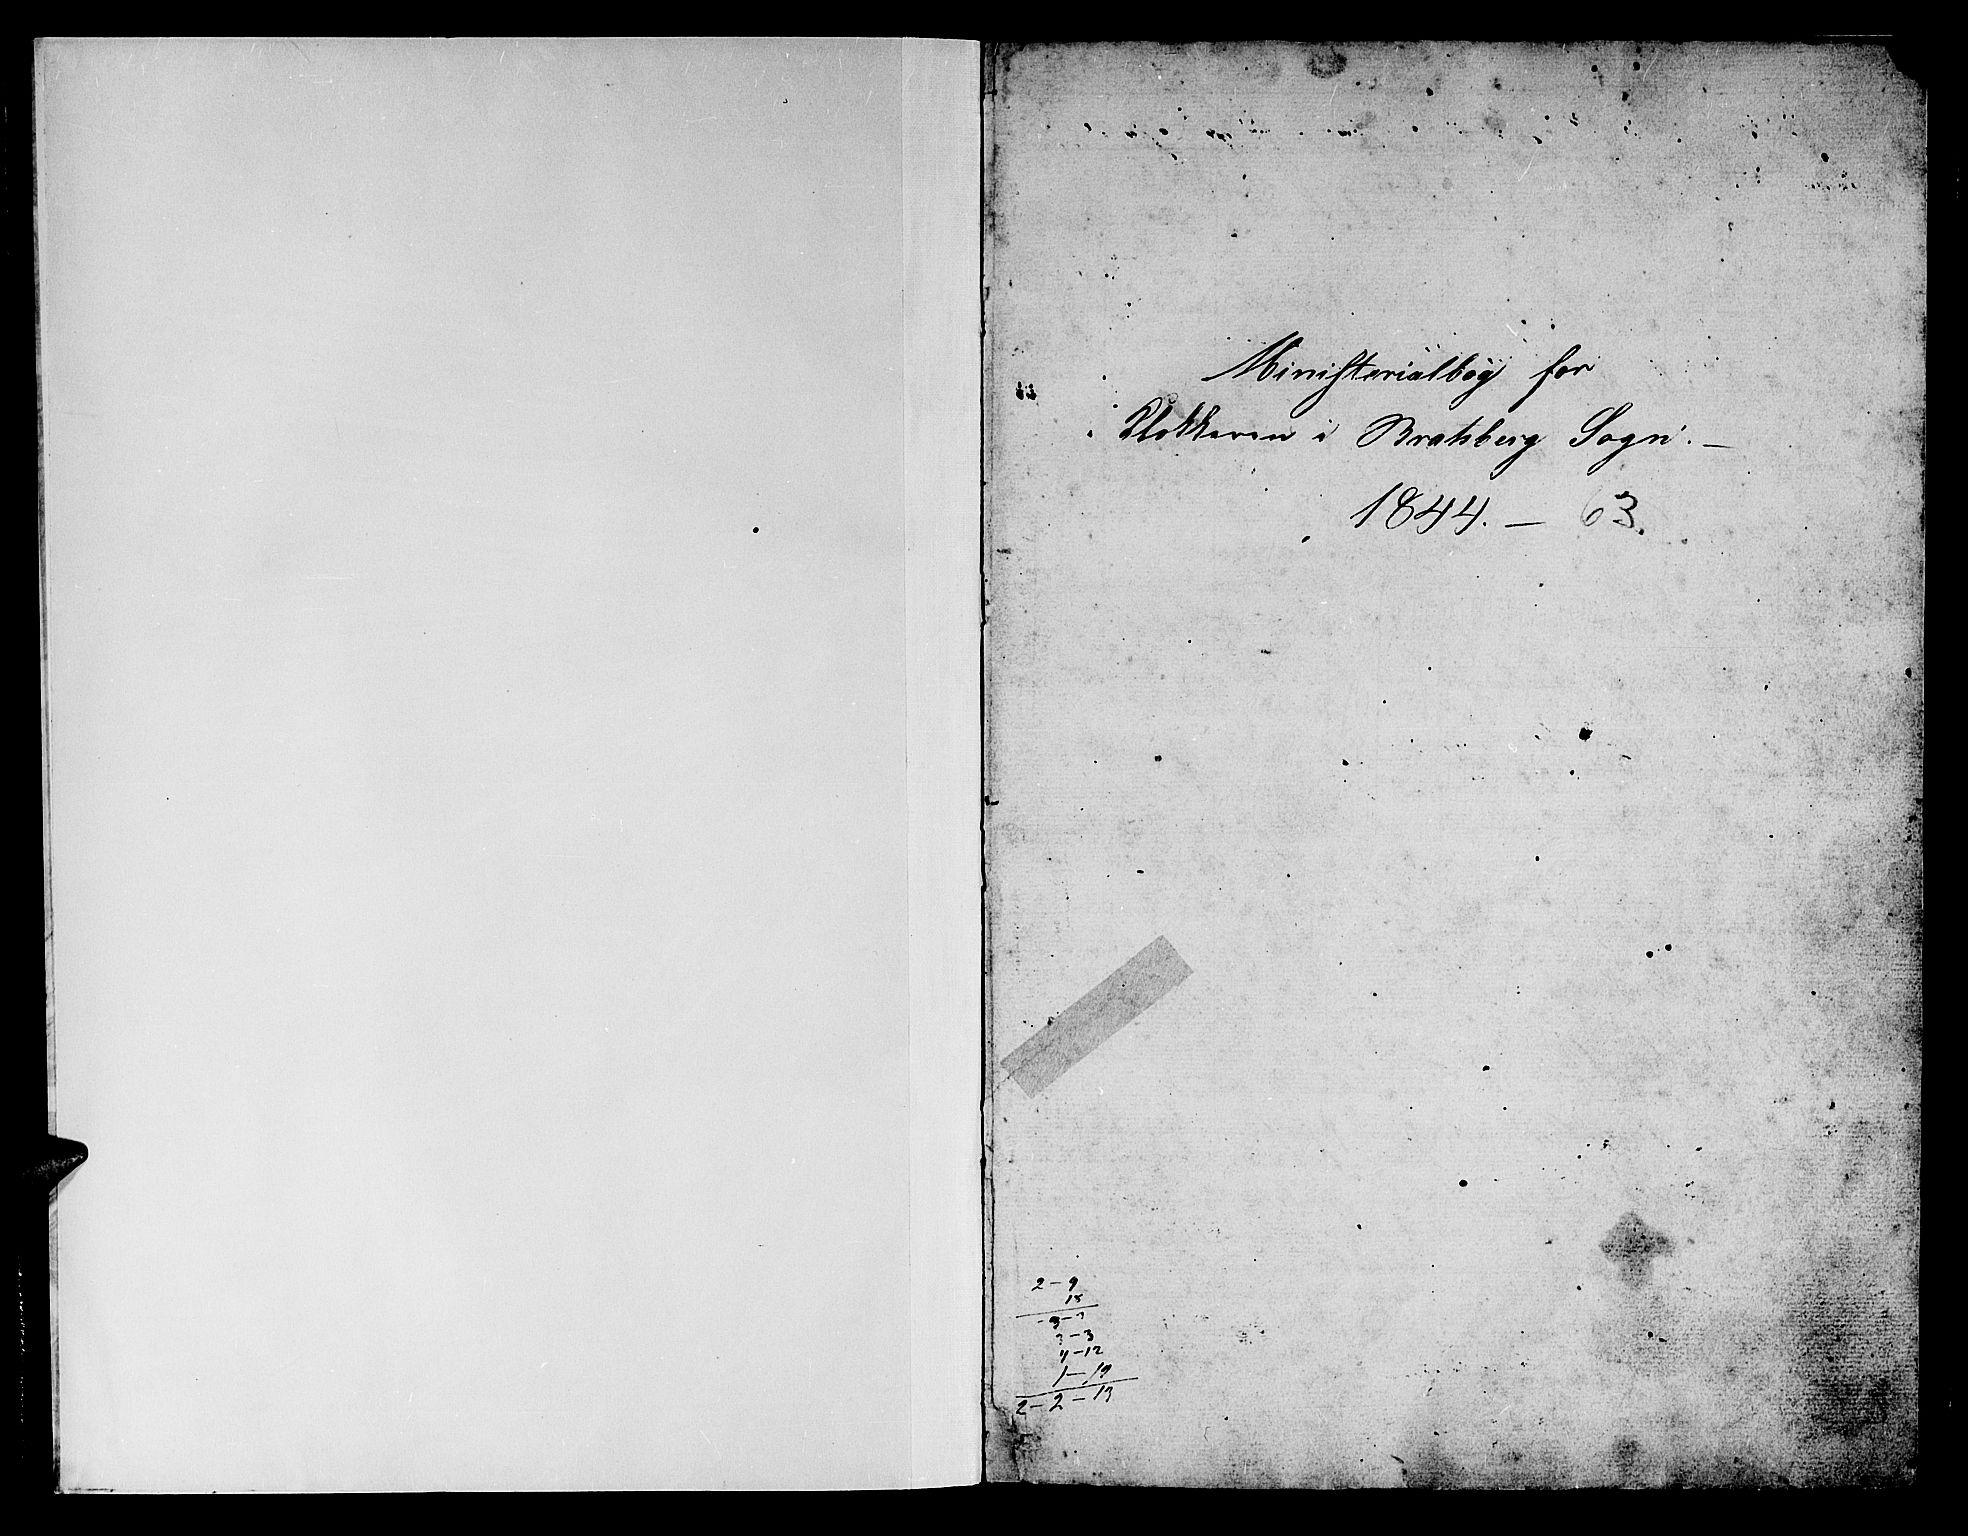 SAT, Ministerialprotokoller, klokkerbøker og fødselsregistre - Sør-Trøndelag, 608/L0339: Klokkerbok nr. 608C05, 1844-1863, s. 0-1